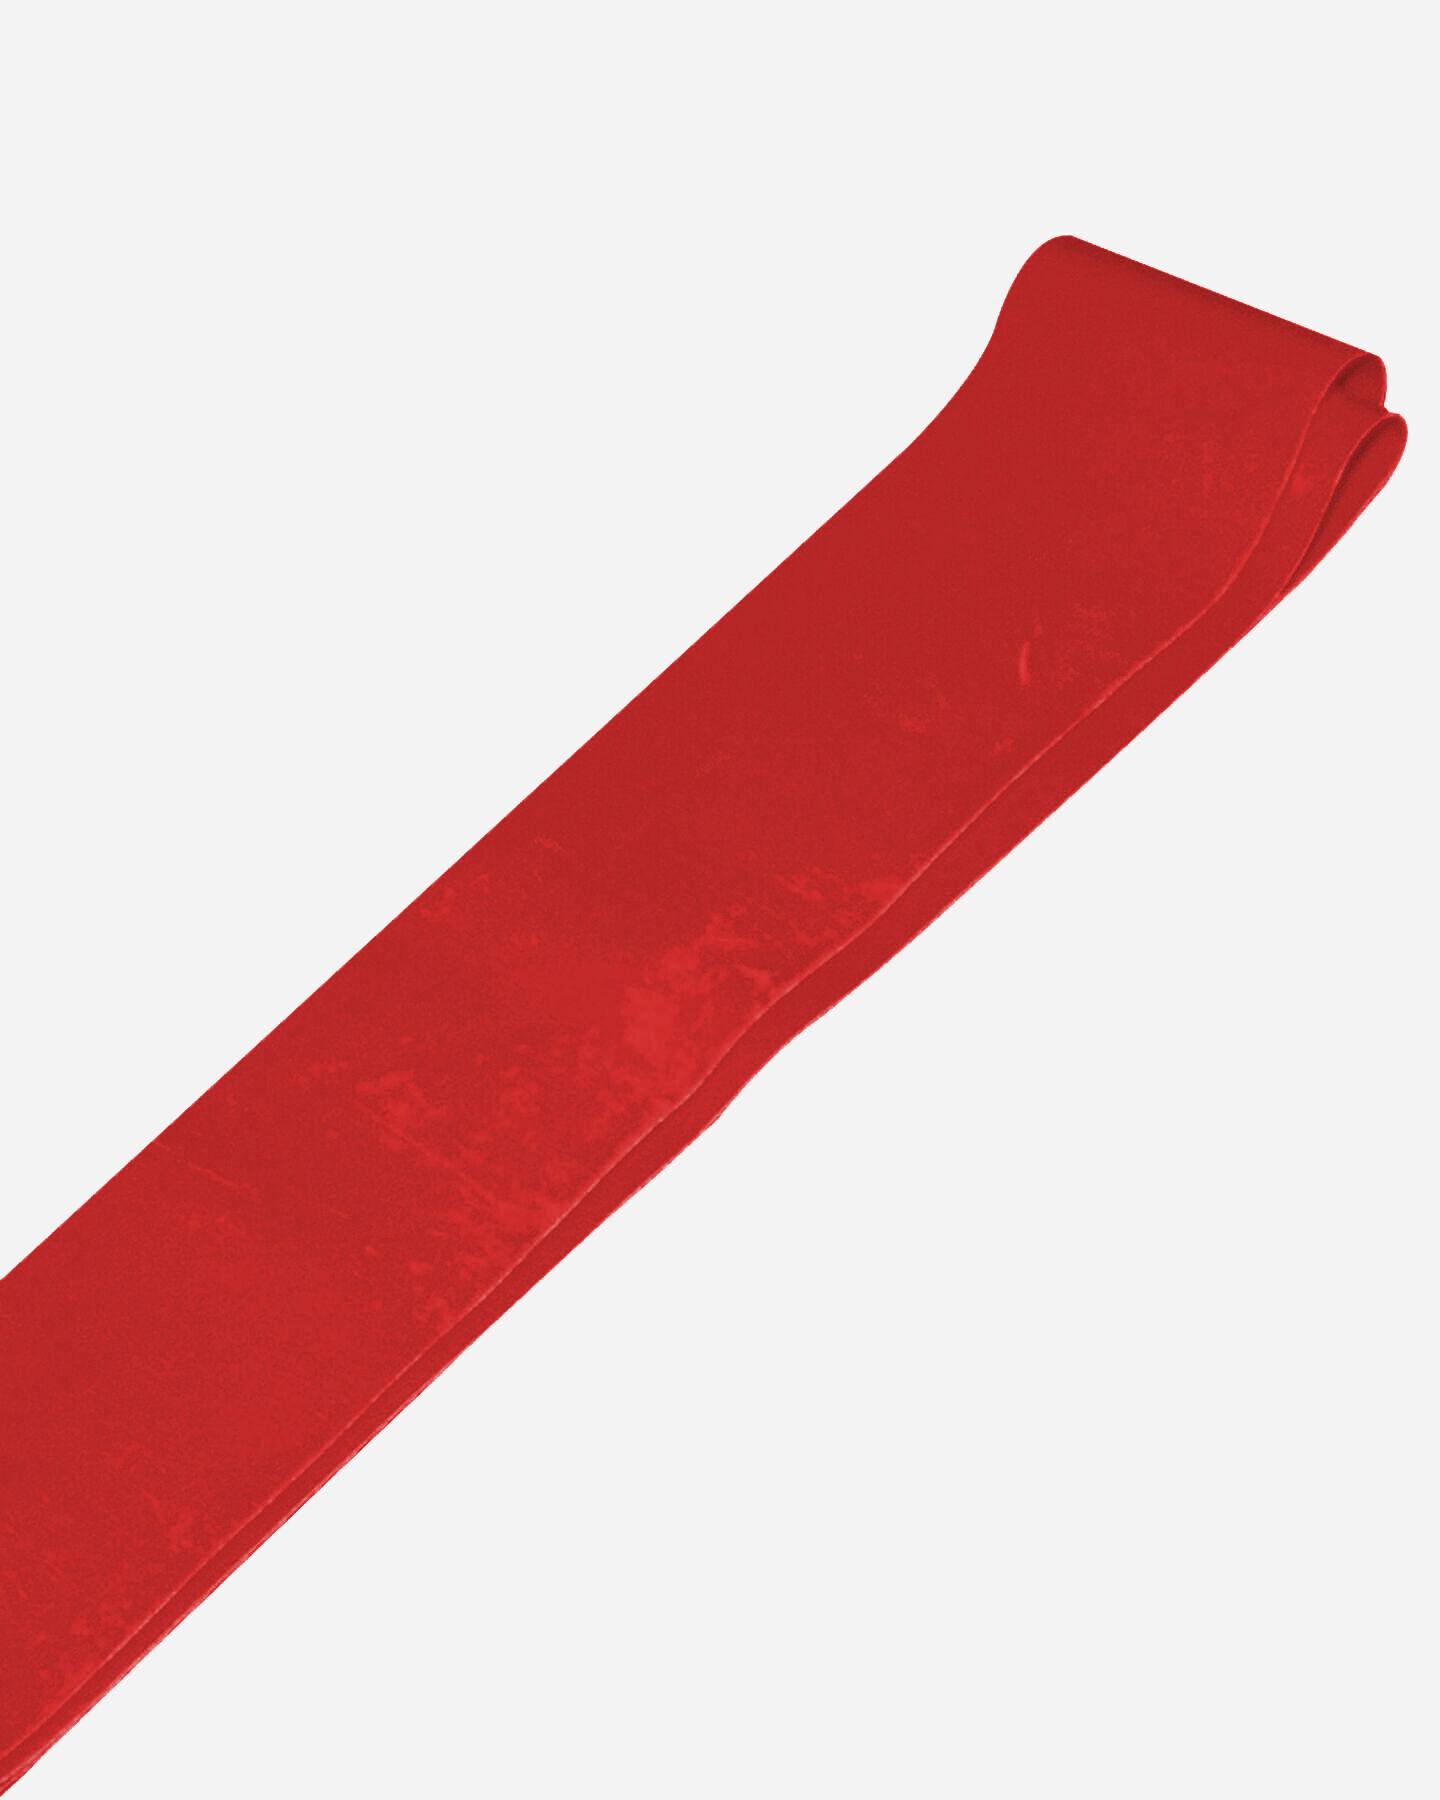 Banda elastica CARNIELLI BANDA ELASTICA ANELLO S5200098 1895c UNI scatto 1